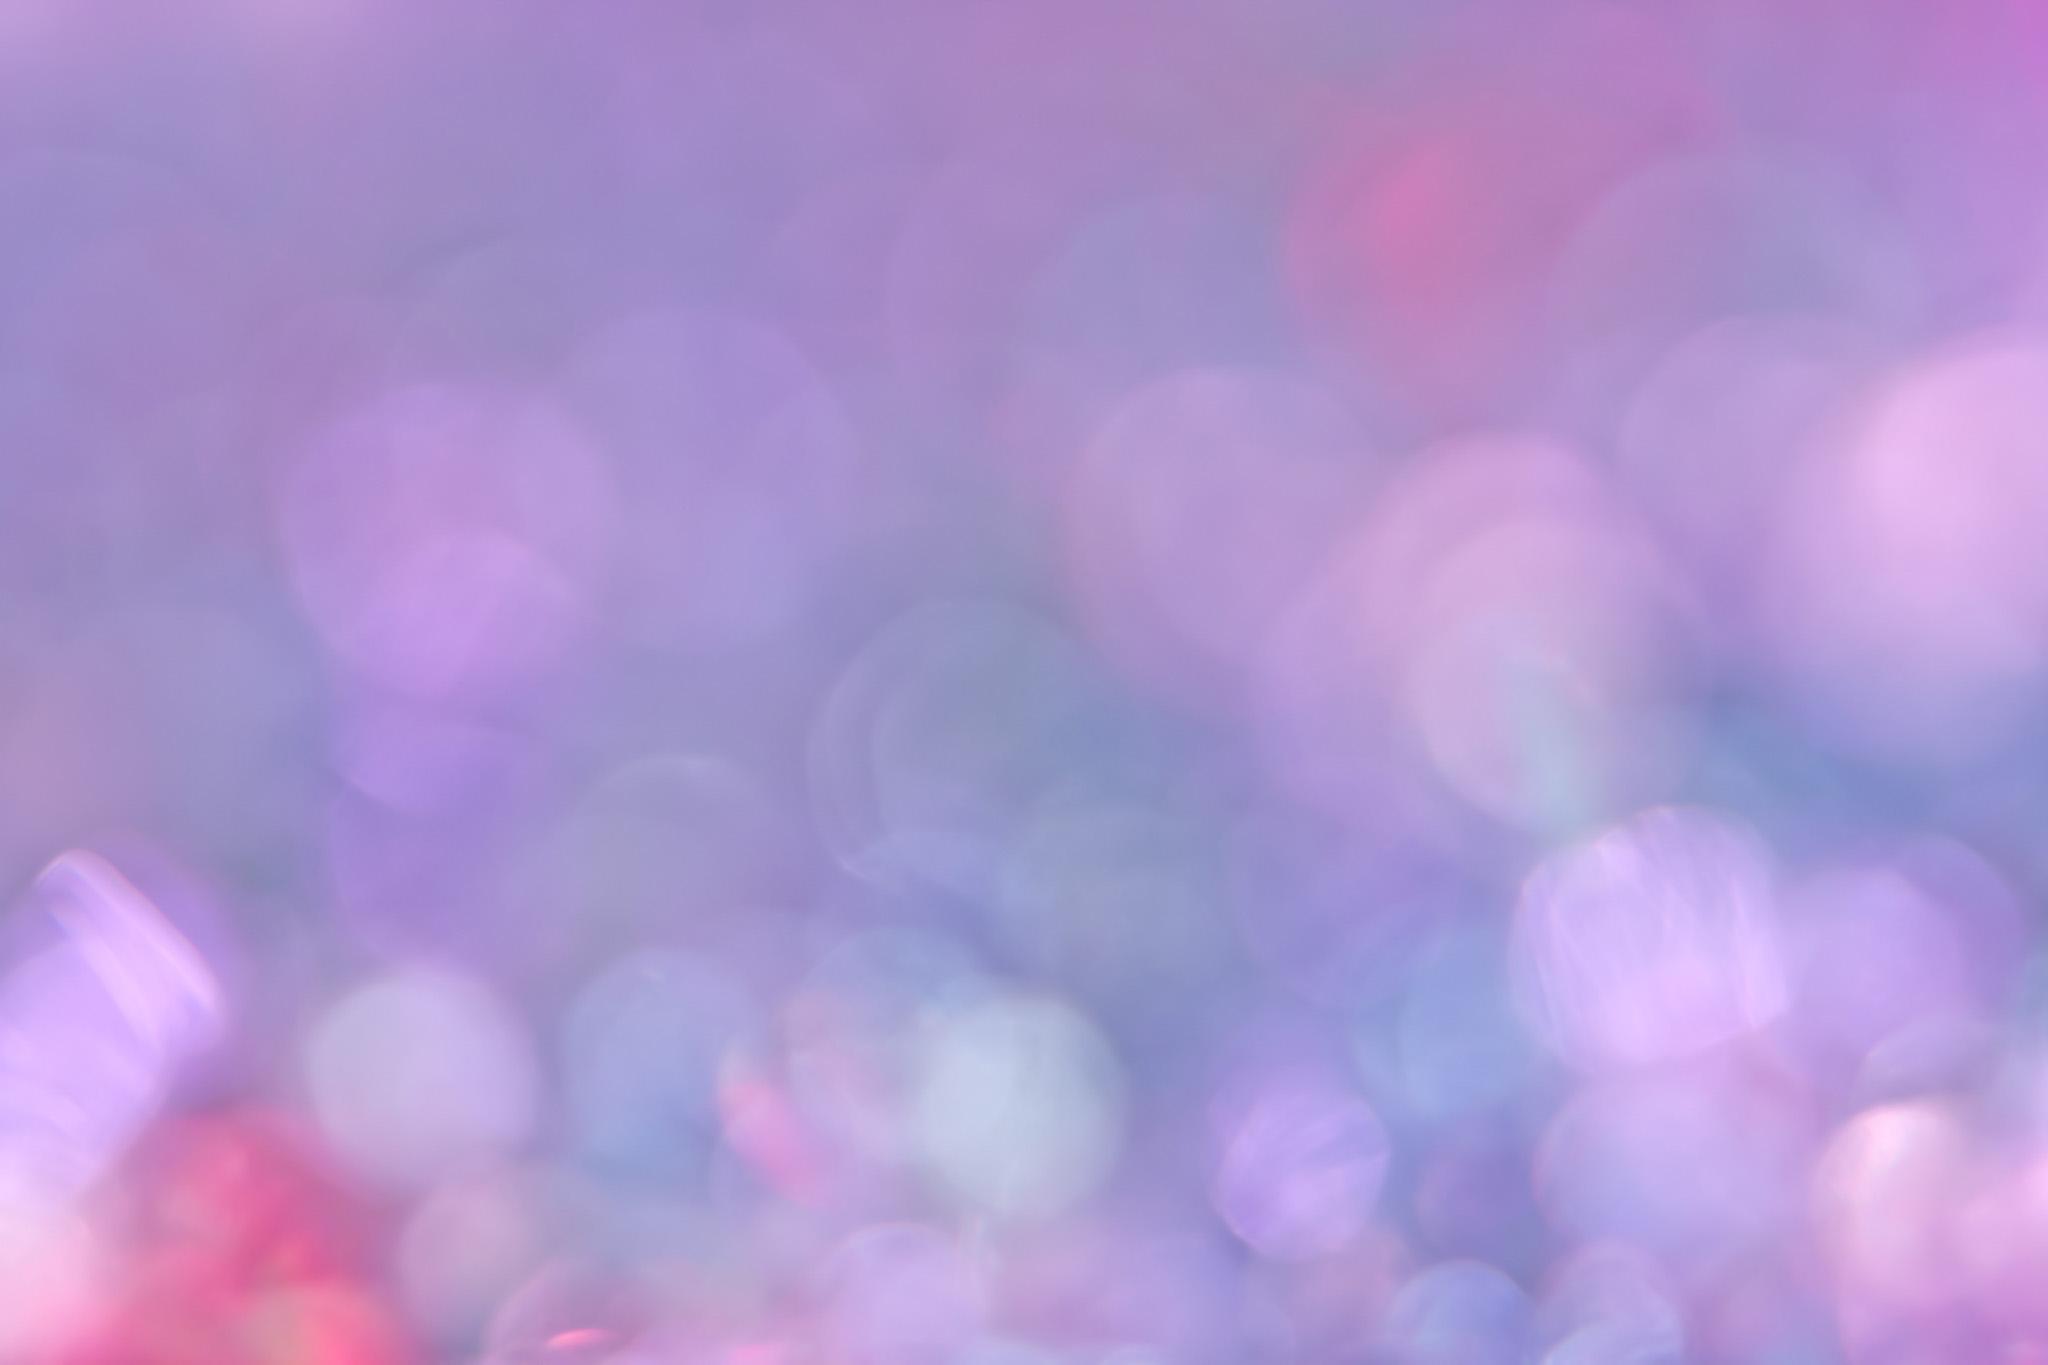 「薄紫色の鈍い光」